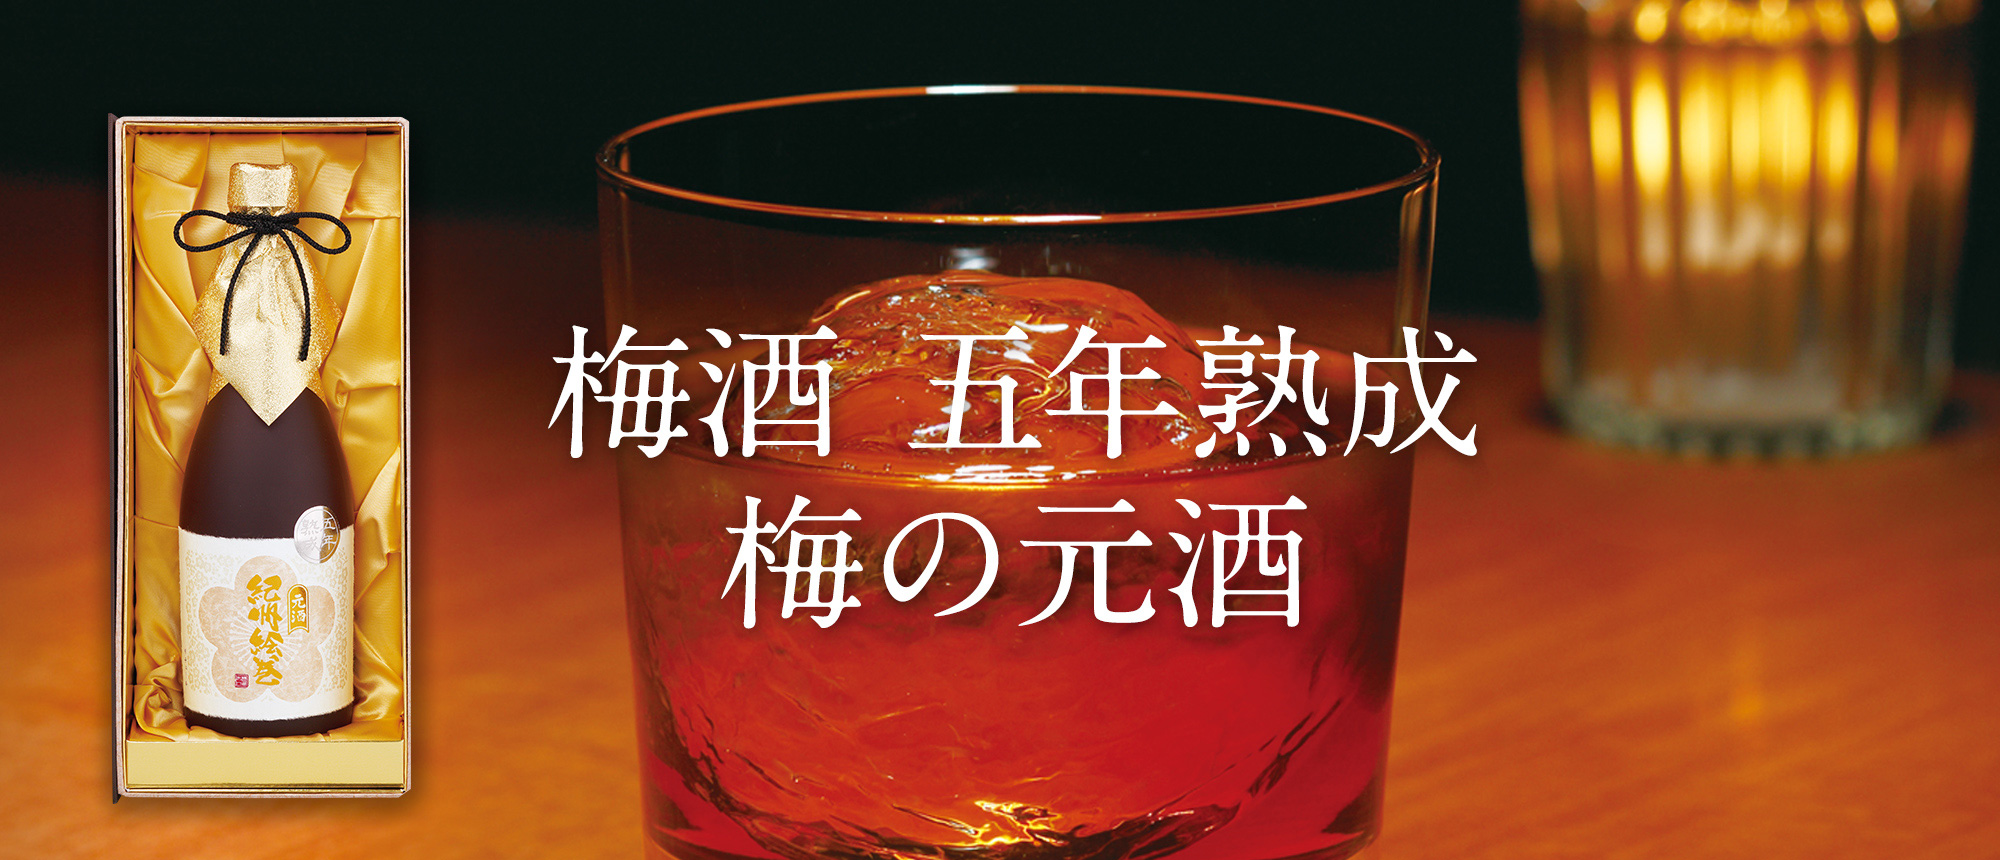 梅酒 五年熟成 梅の元酒